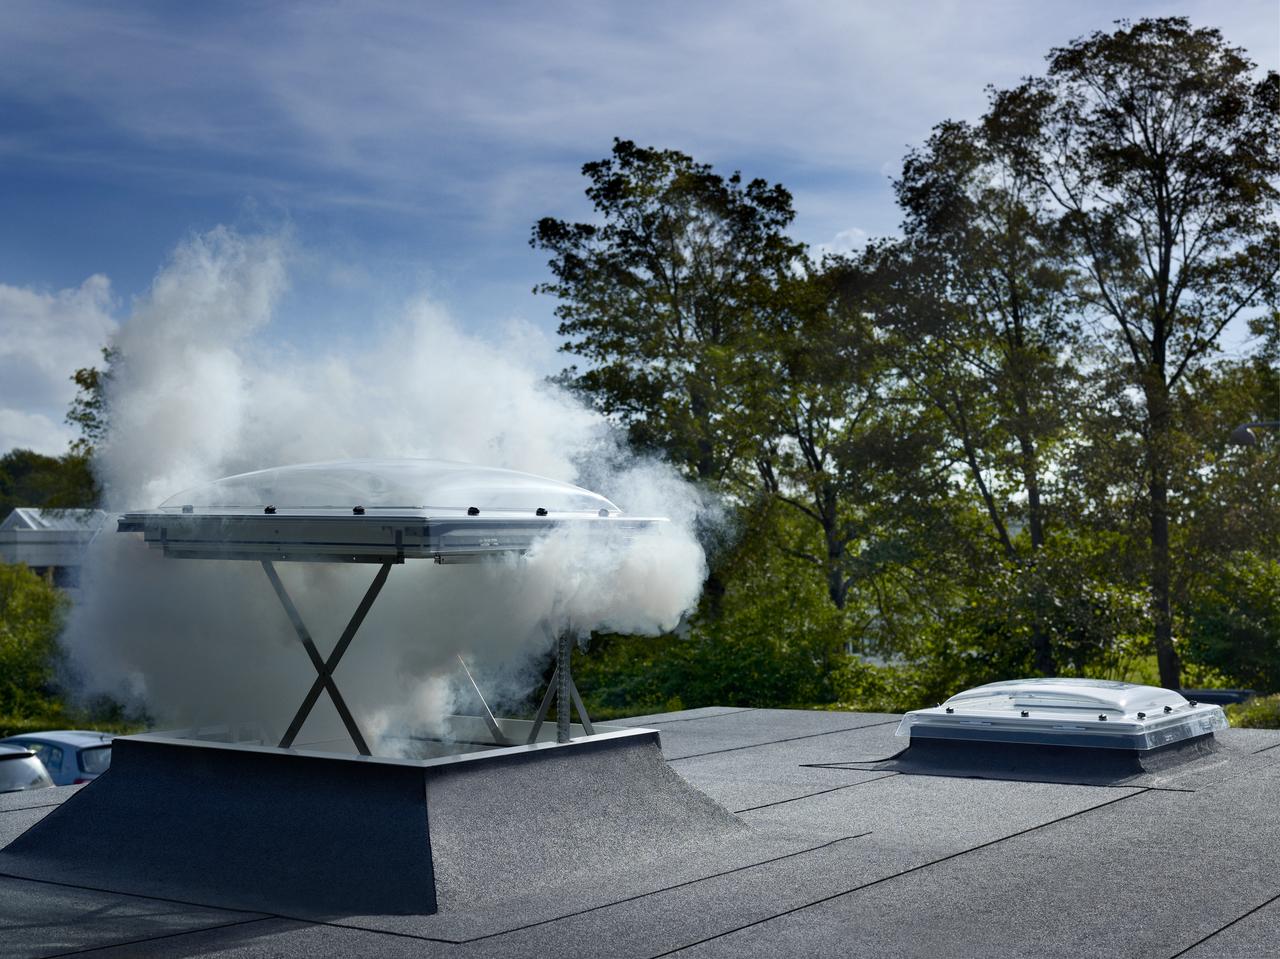 Finestra per tetti piani velux per l 39 evacuazione di fumo e for Velux tetti piani